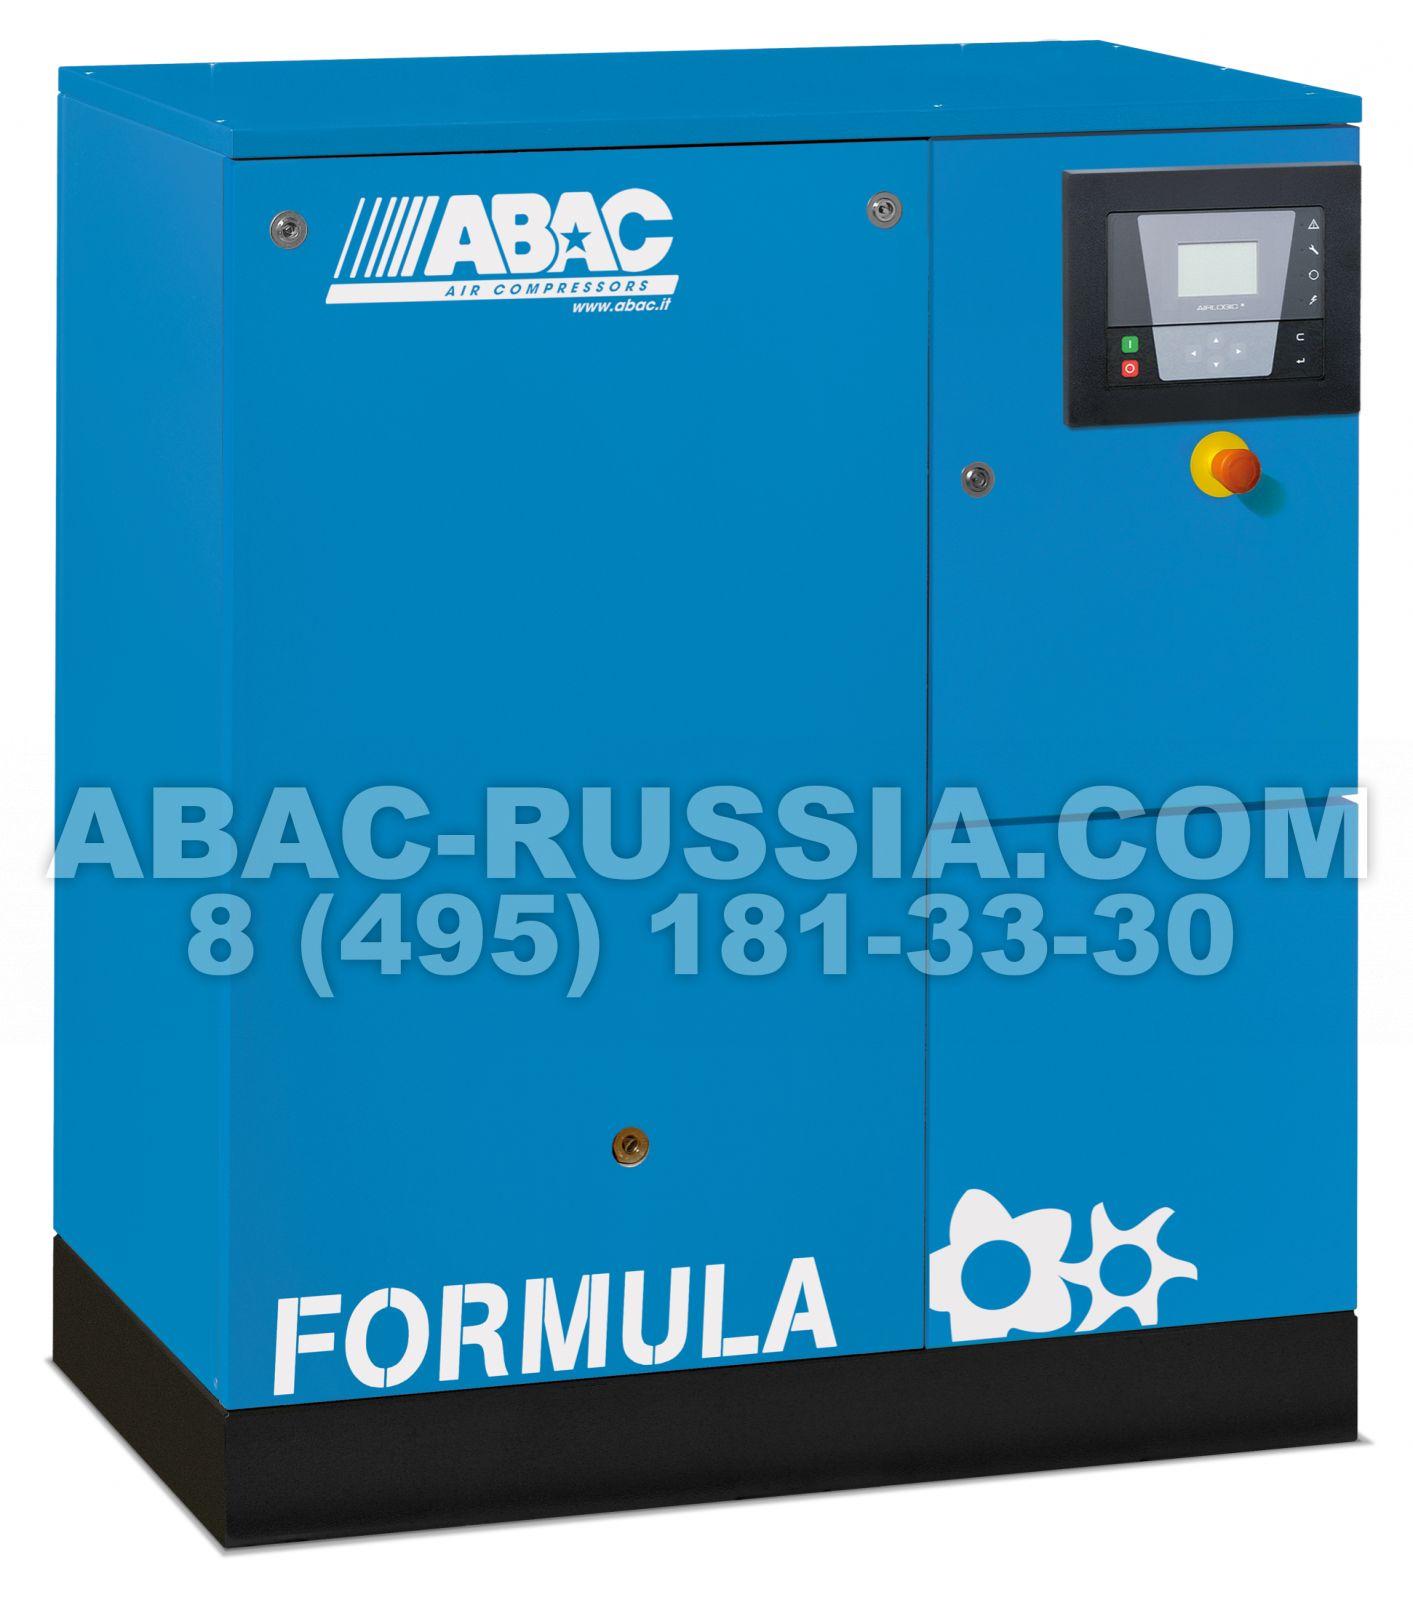 Винтовой компрессор ABAC FORMULA.E 1513 4152025537